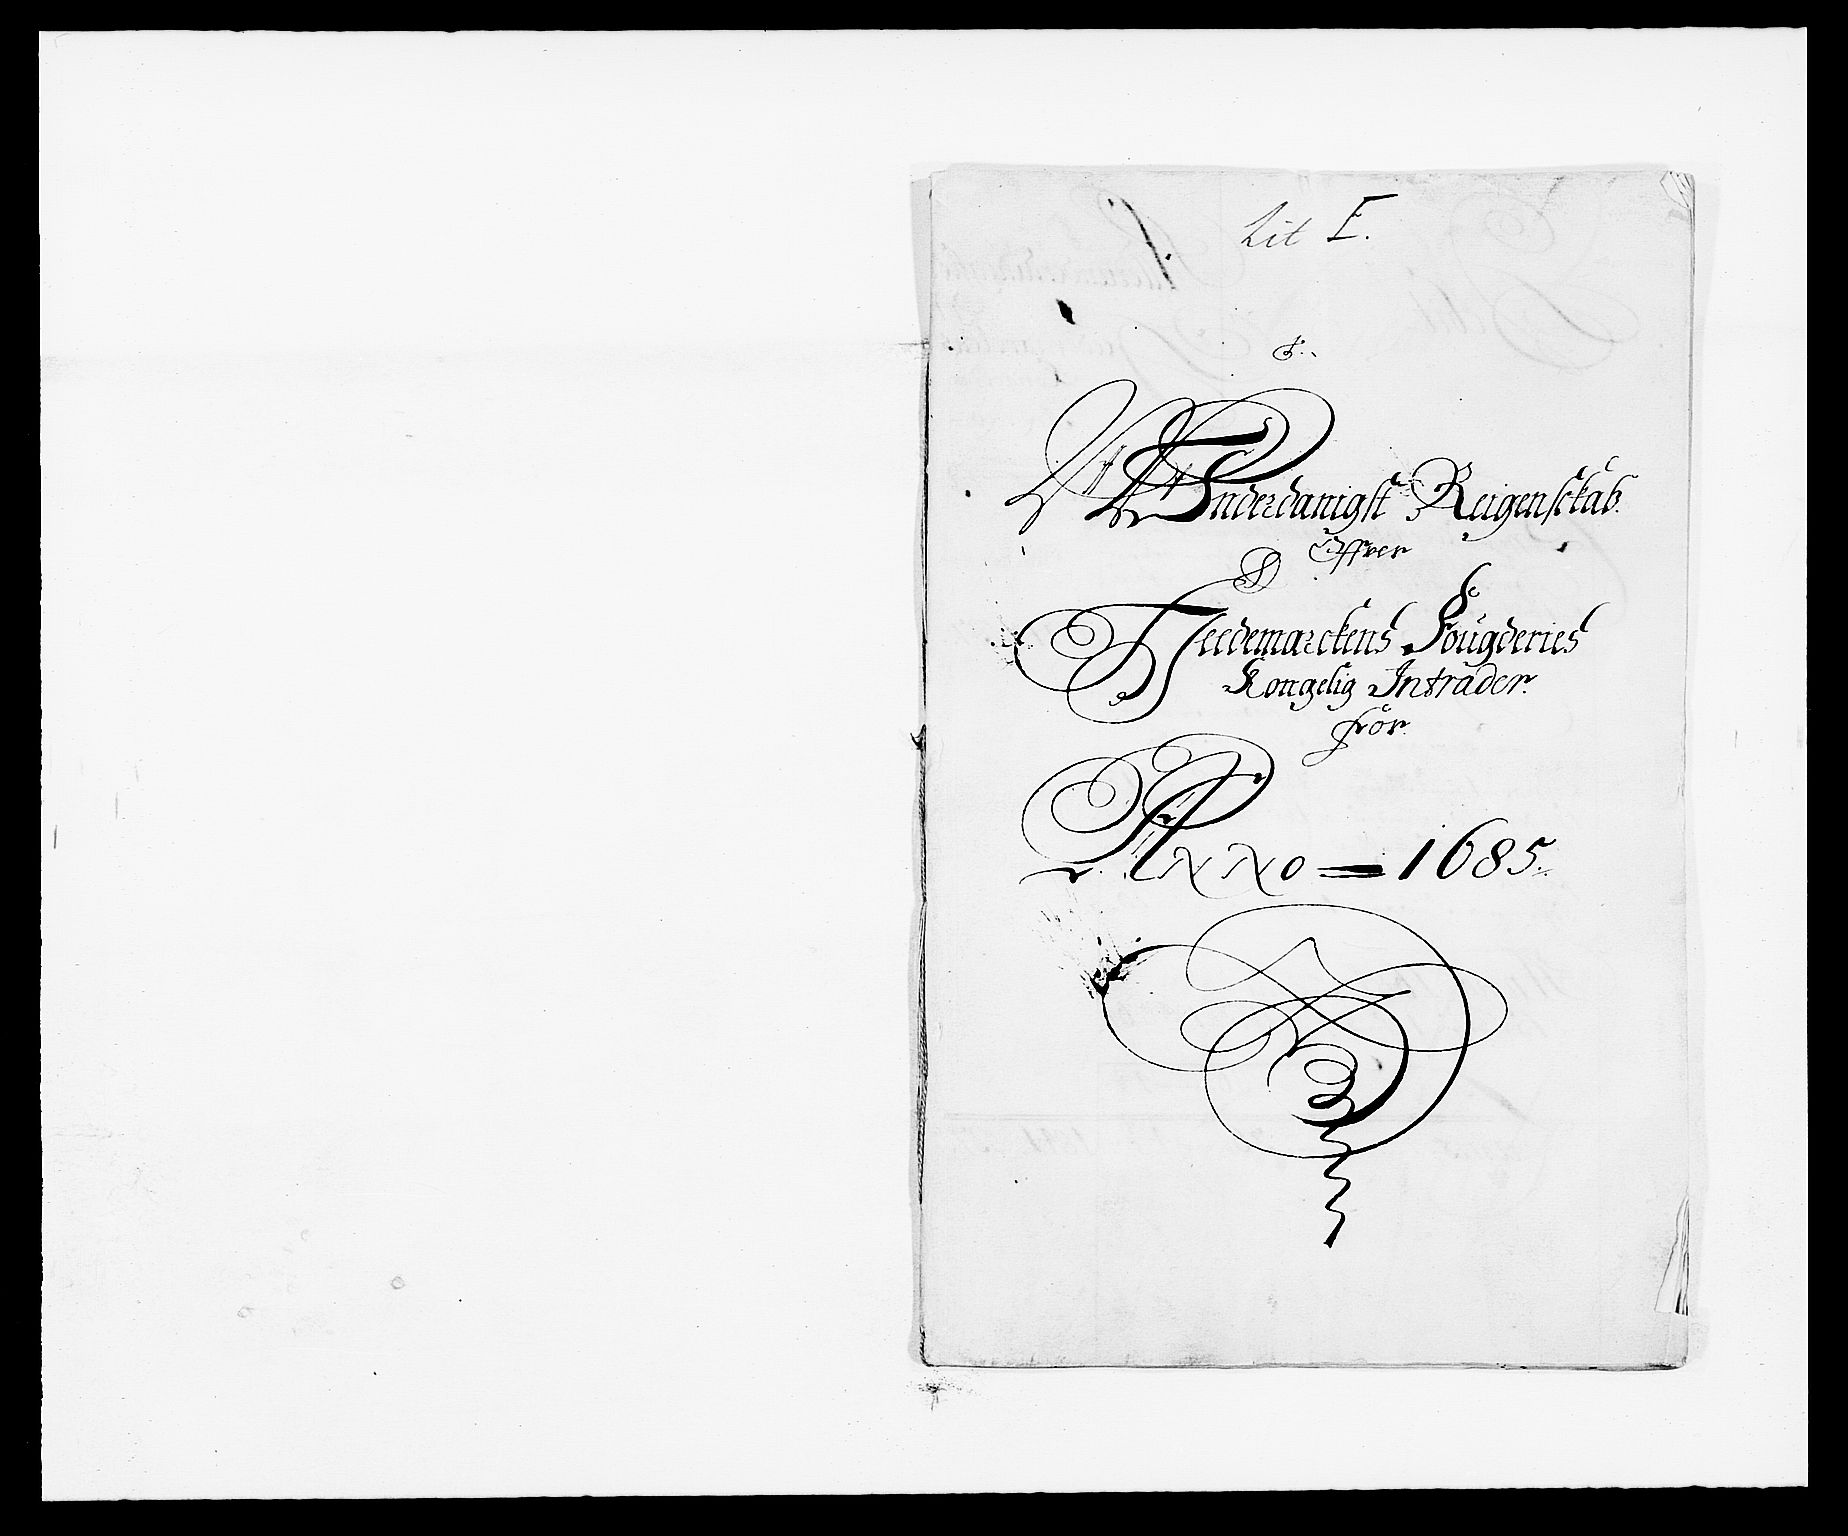 RA, Rentekammeret inntil 1814, Reviderte regnskaper, Fogderegnskap, R16/L1026: Fogderegnskap Hedmark, 1685, s. 1